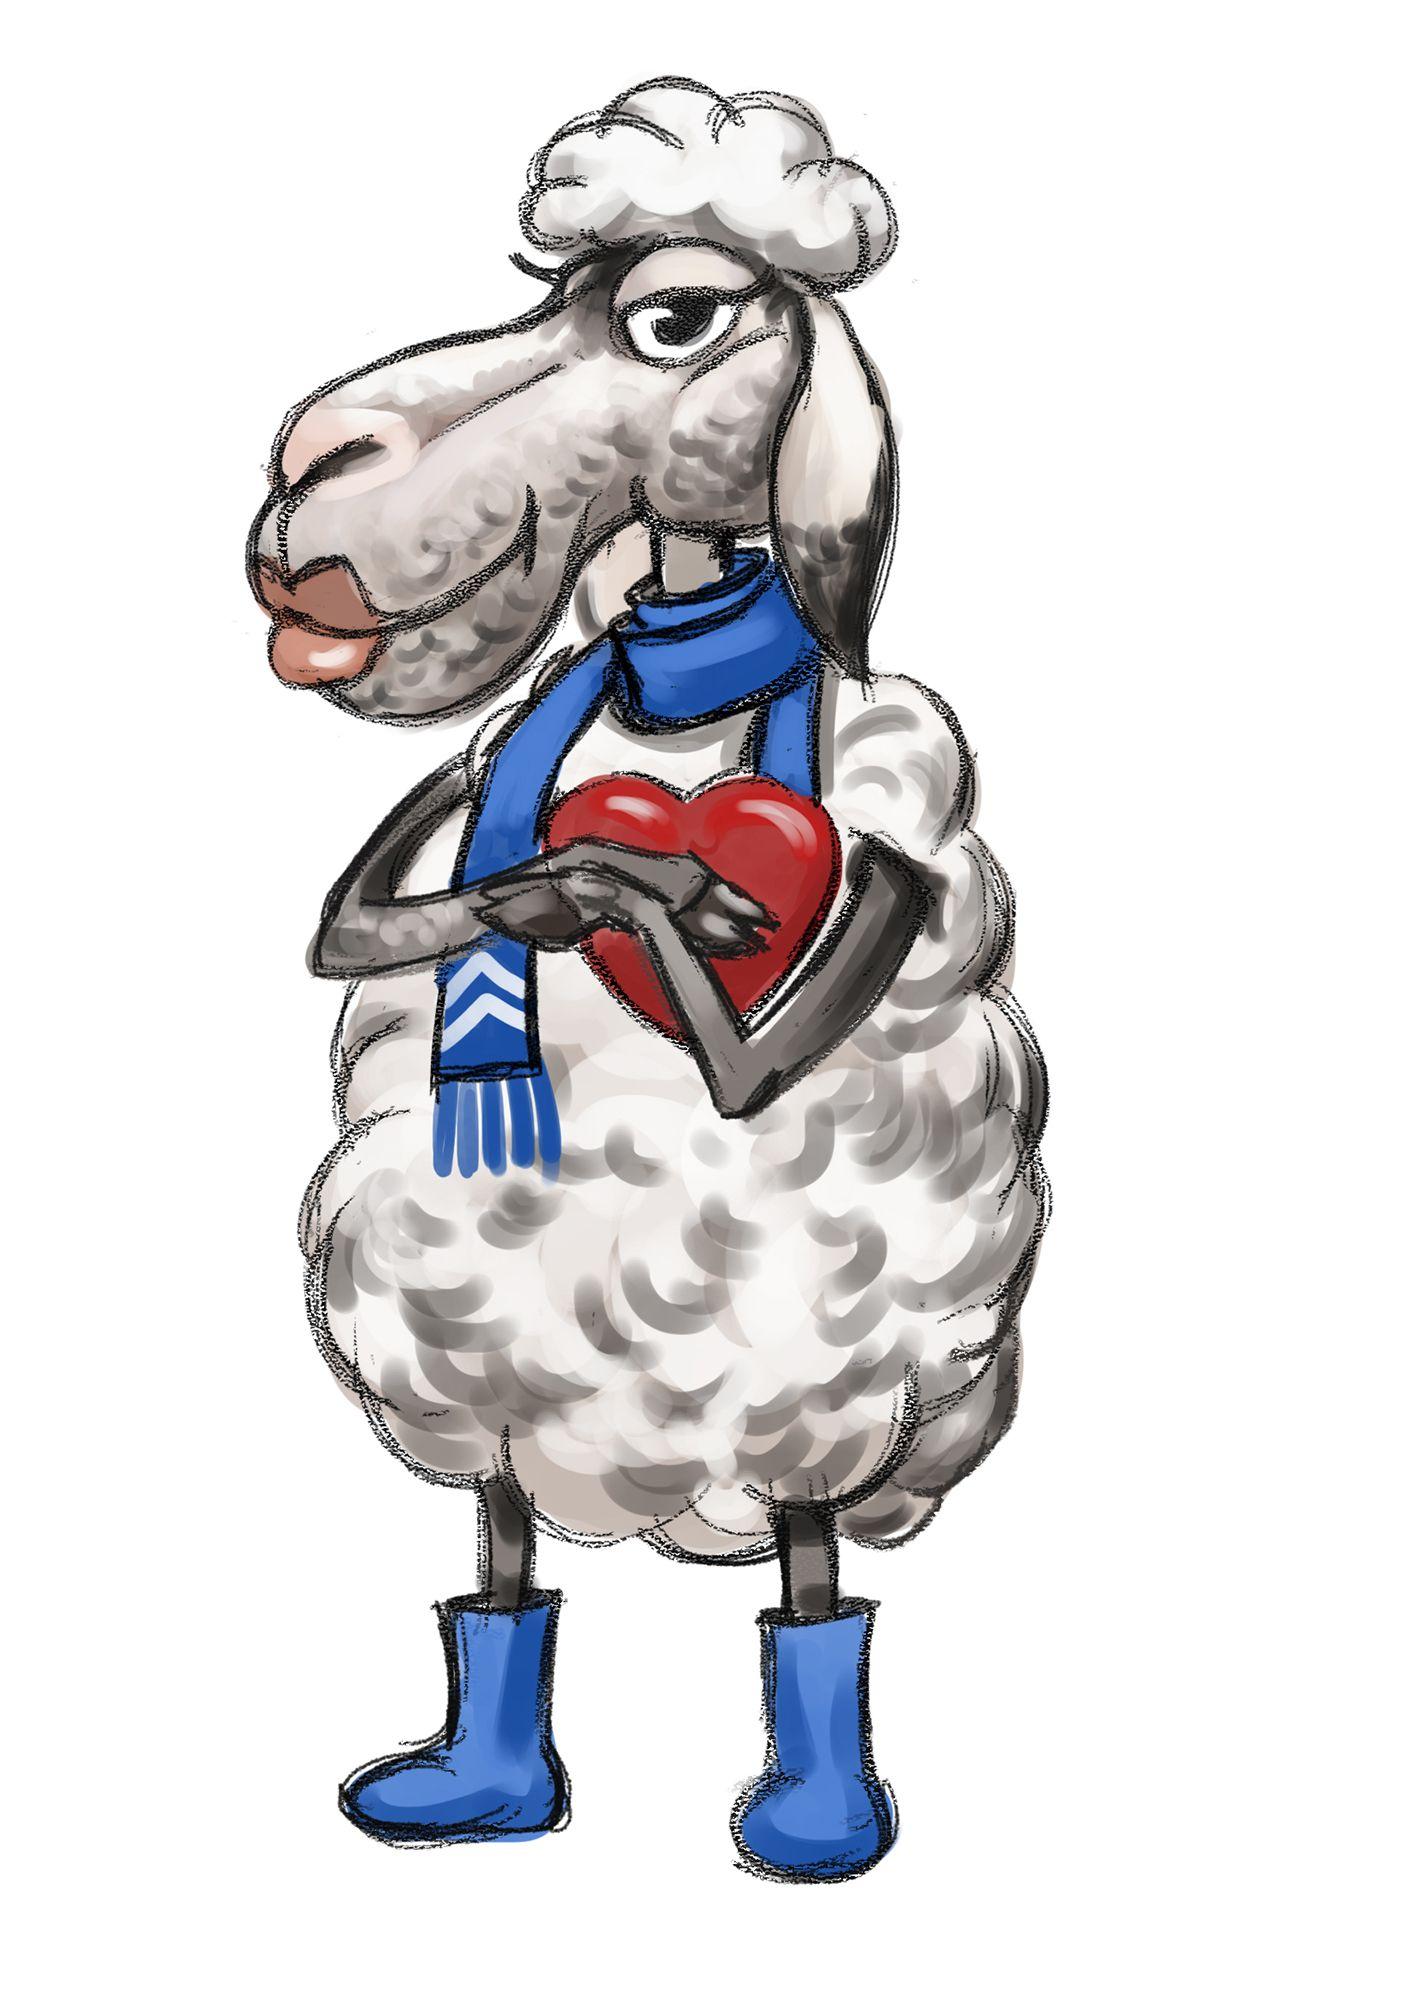 Иллюстрация персонажа - дизайнер rafaelart